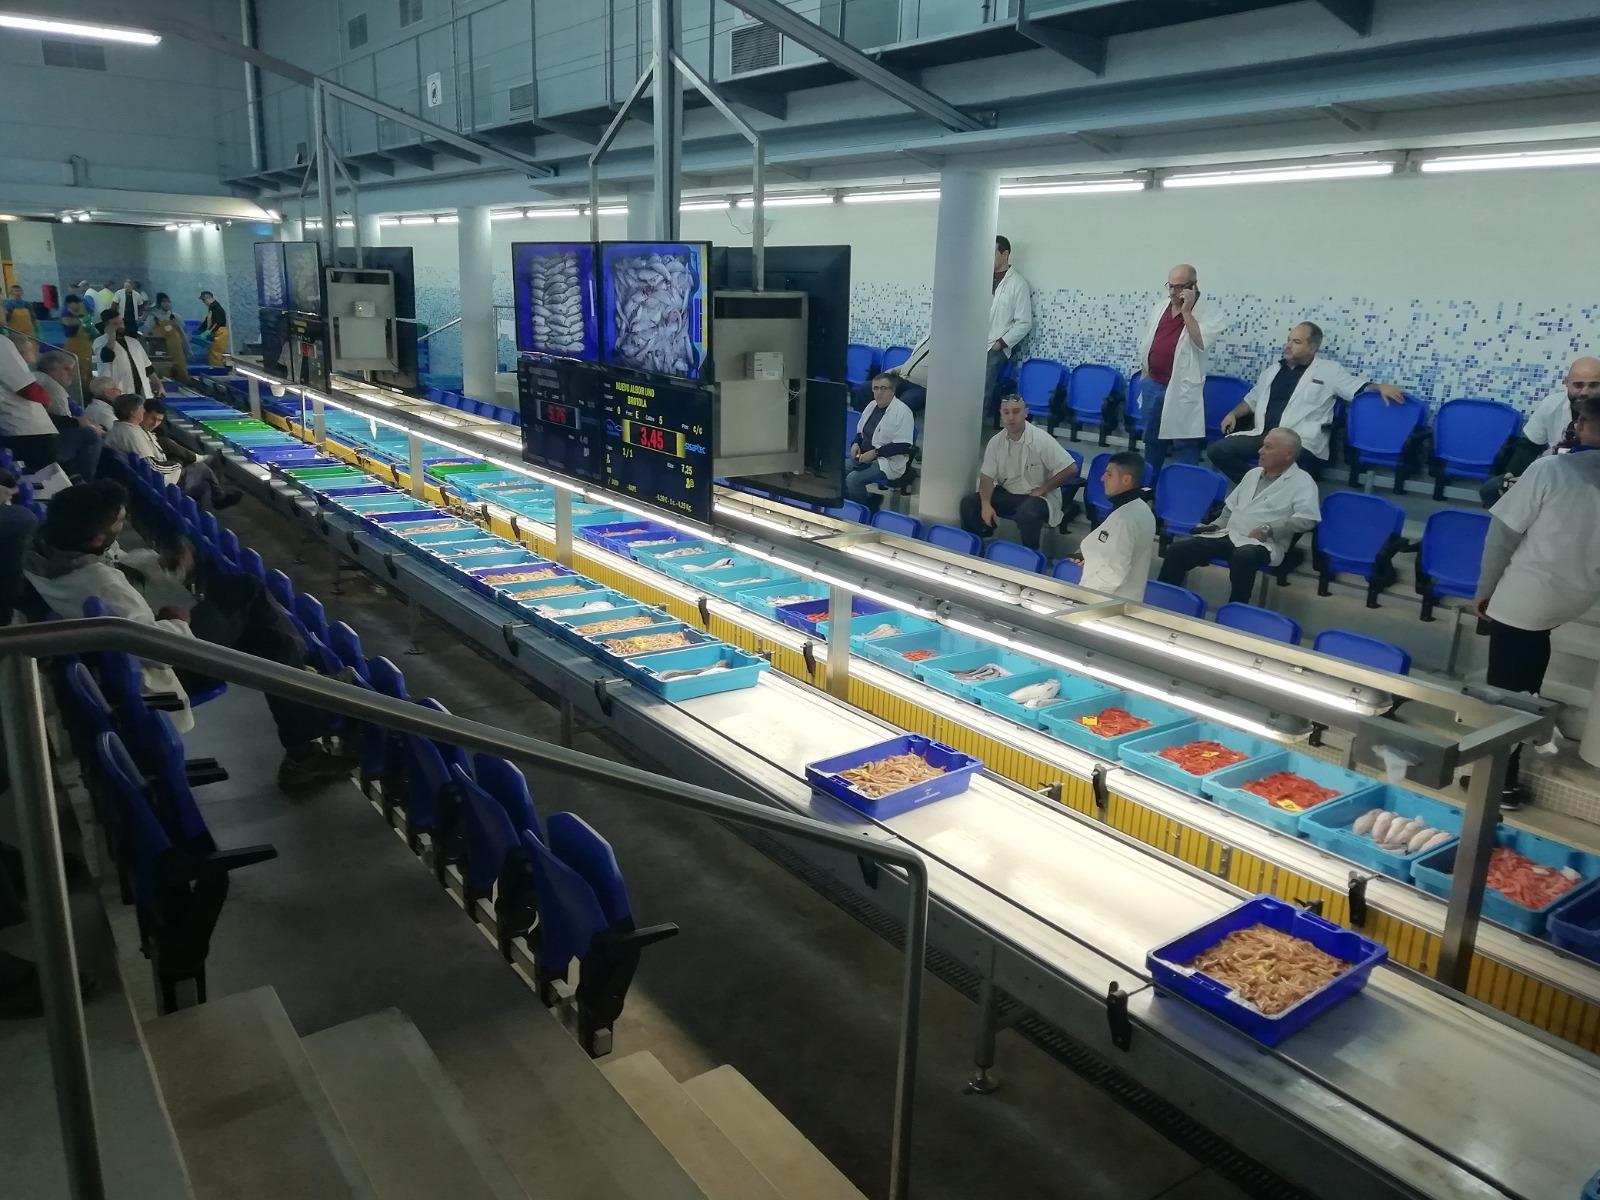 La Conselleria de Agricultura destina más de 1,5 millones de euros a la mejora de las infraestructuras de la Cofradía de Pescadores de Santa Pola